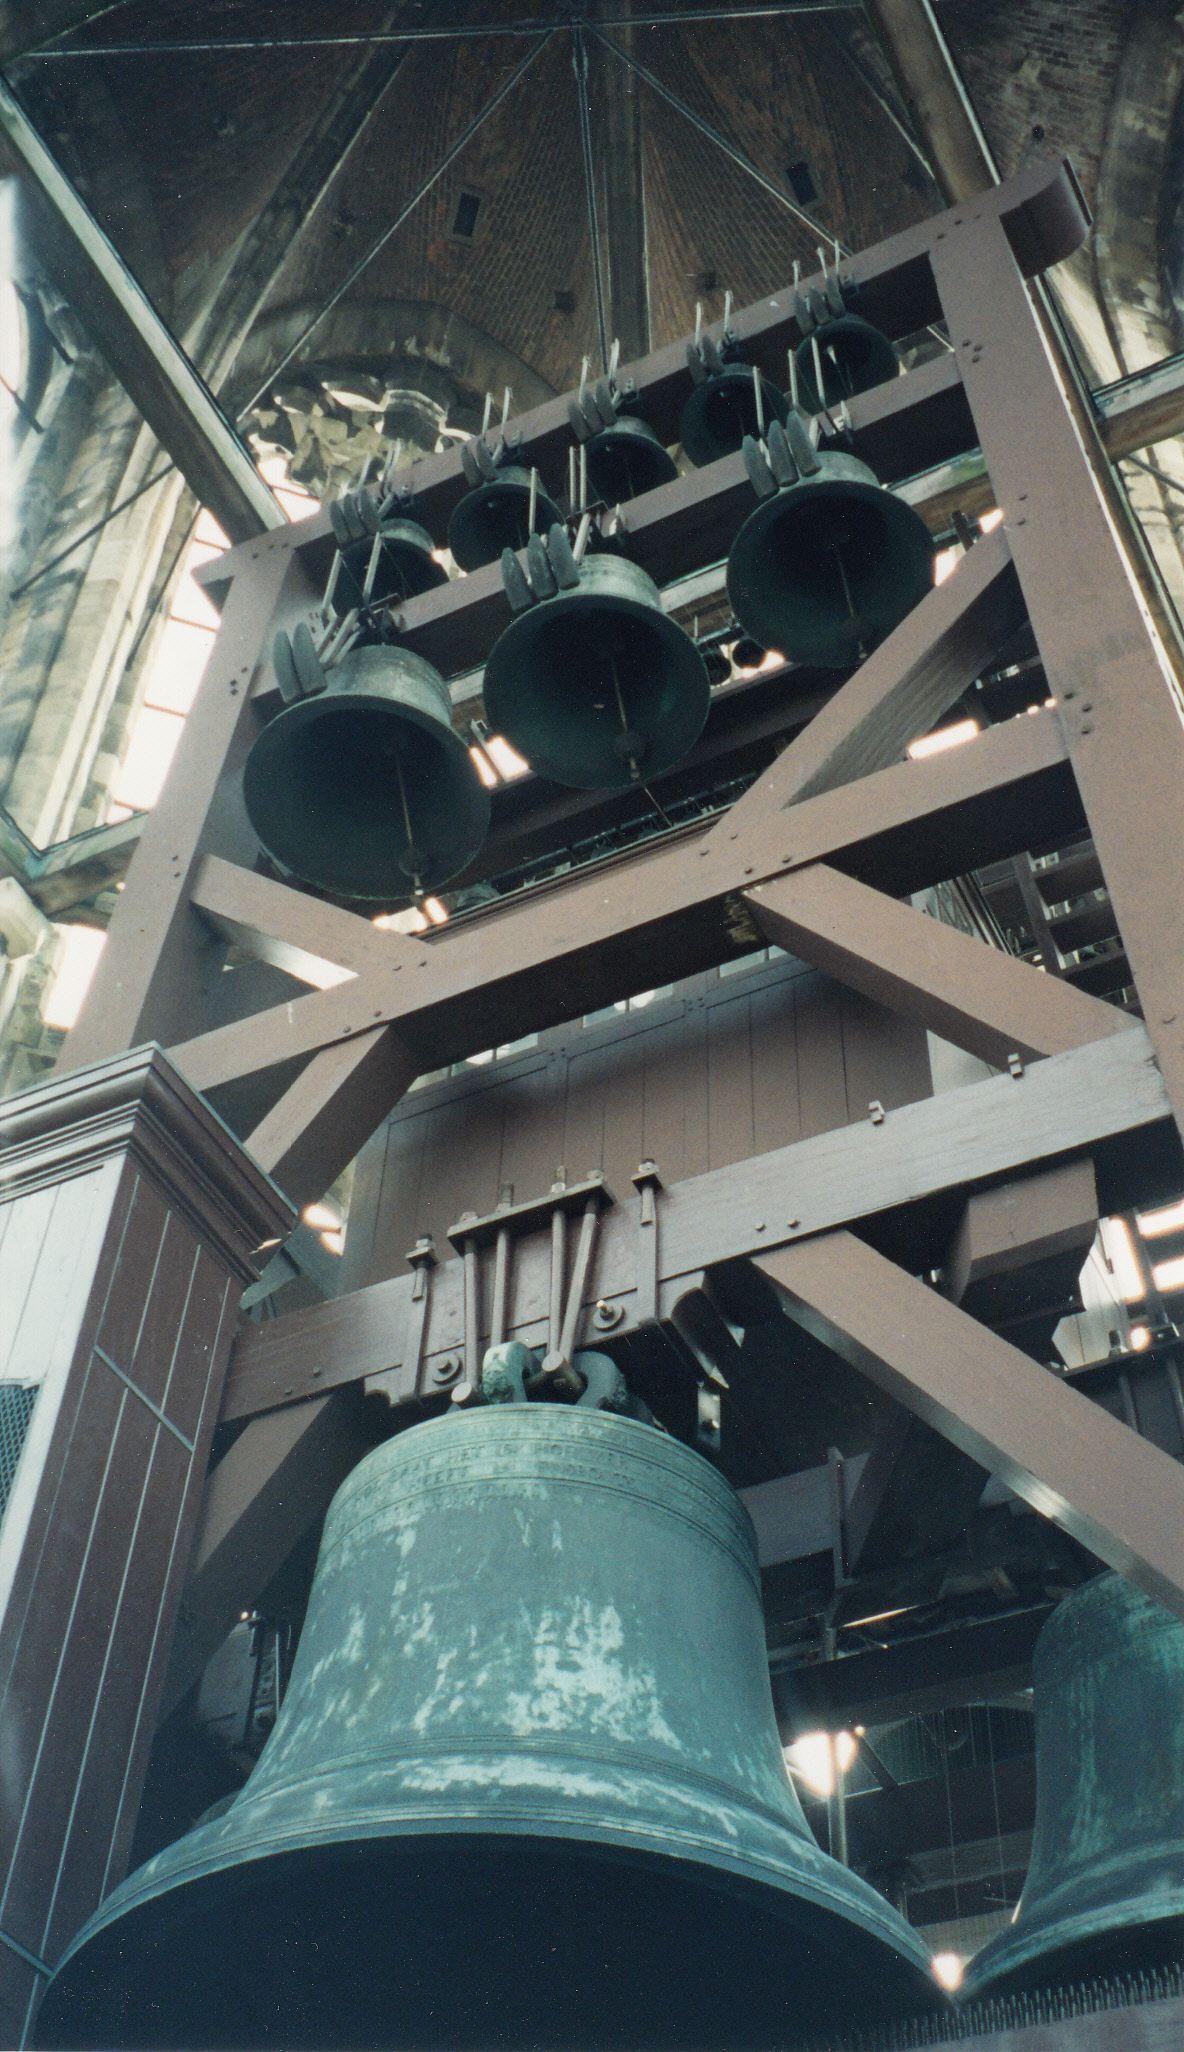 Bell tower of the church in utrecht utrecht